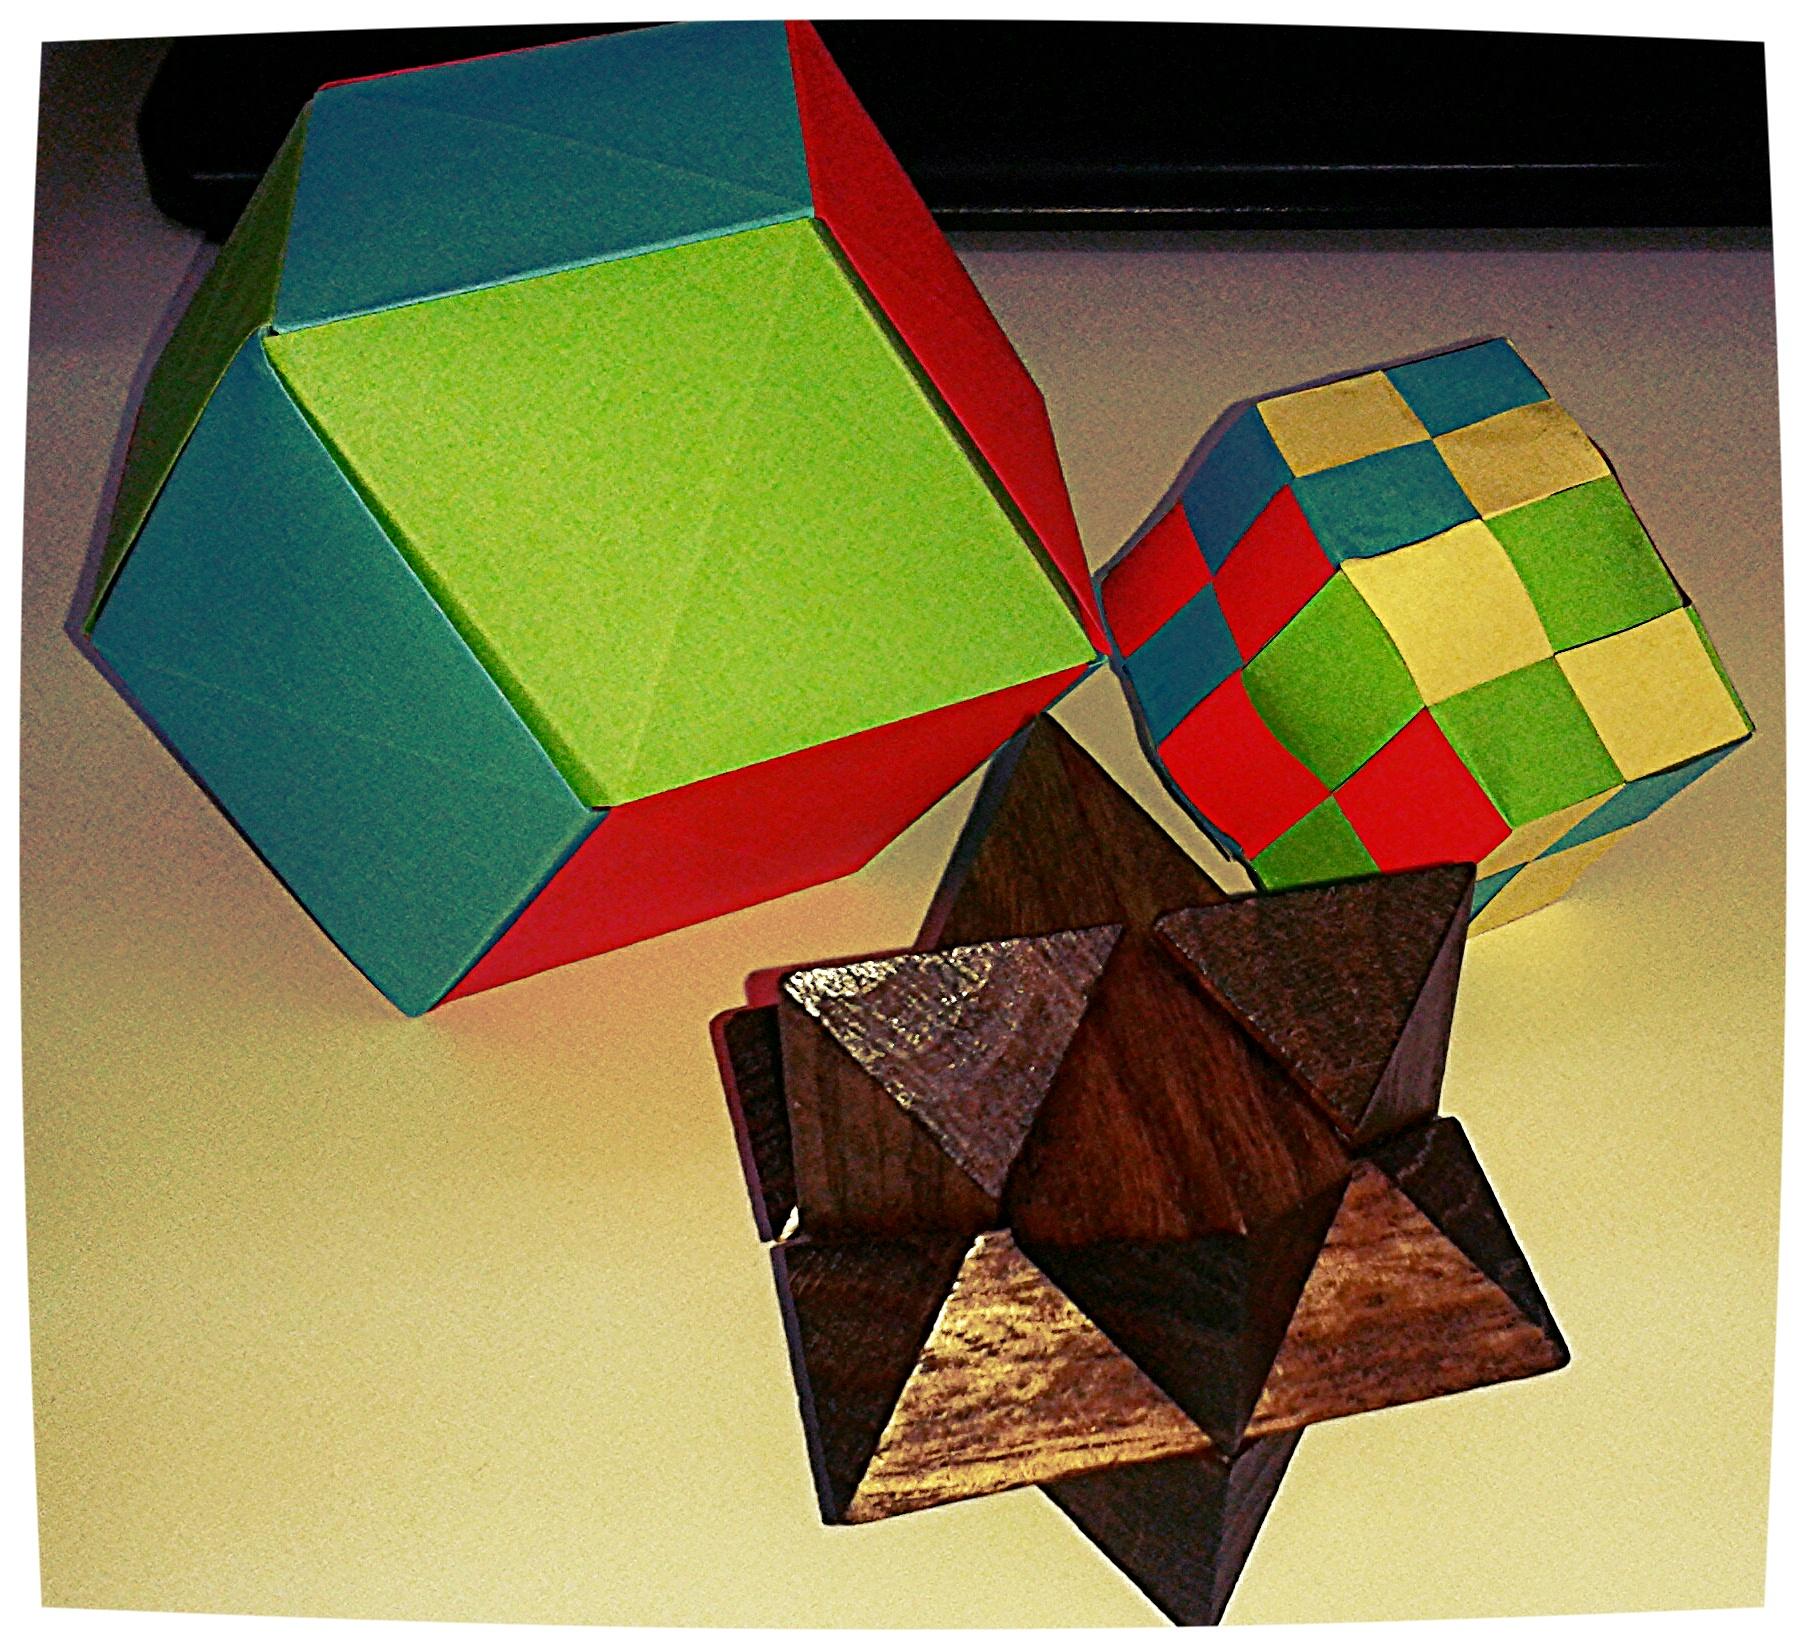 El rombododecaedro estrellado: arte, abejas y puzzles (segunda parte ...